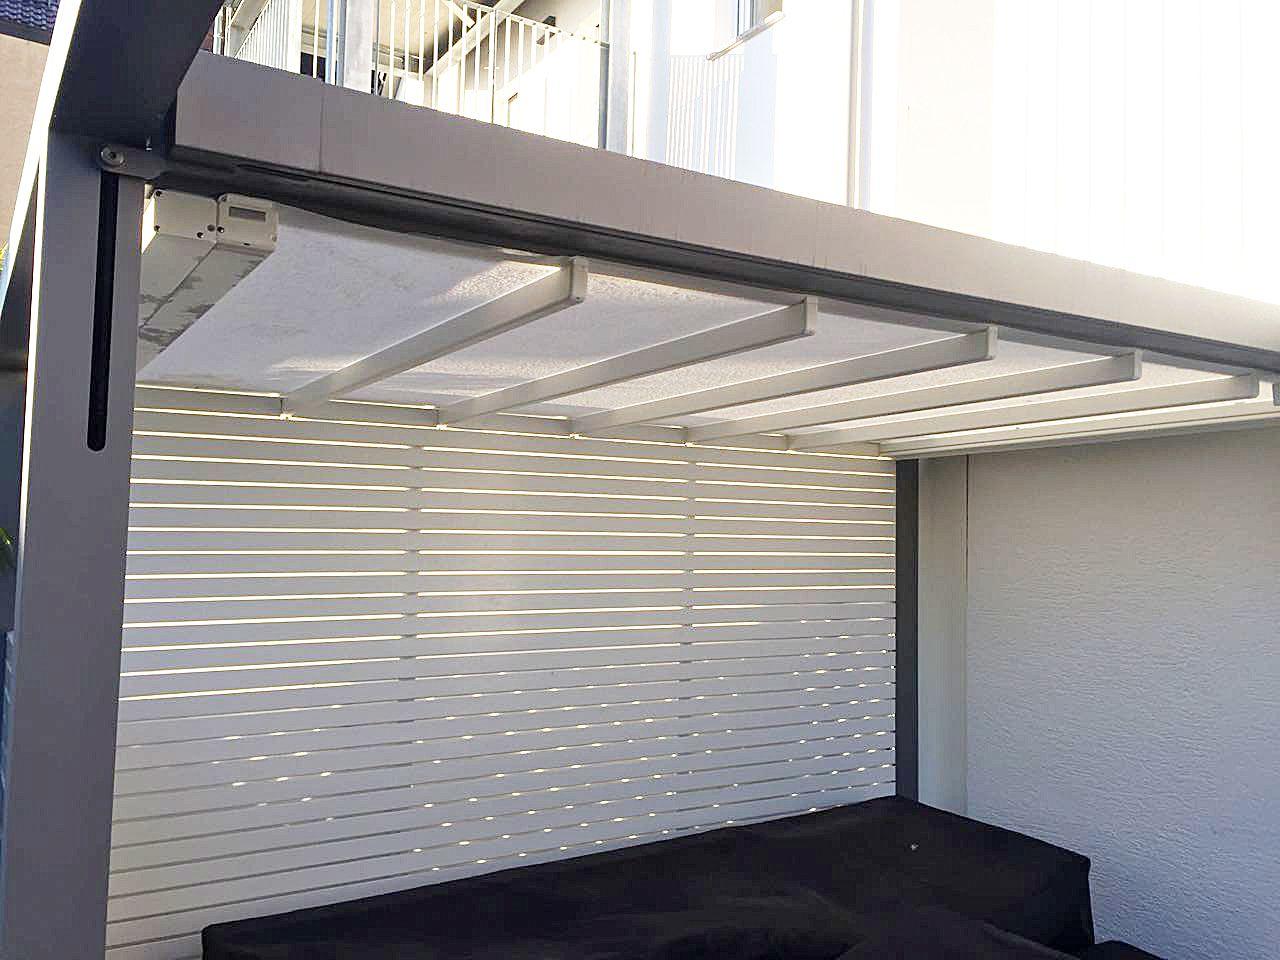 #Referenzen Rolladen Bauer  Stuttgart#Leiner#SunrainQ#Pergola#Markise#die  Outdoor Spezilalisten.de#Terrasse#Garten#absenkbar#Windstabil#Wasserabweisend#  ...